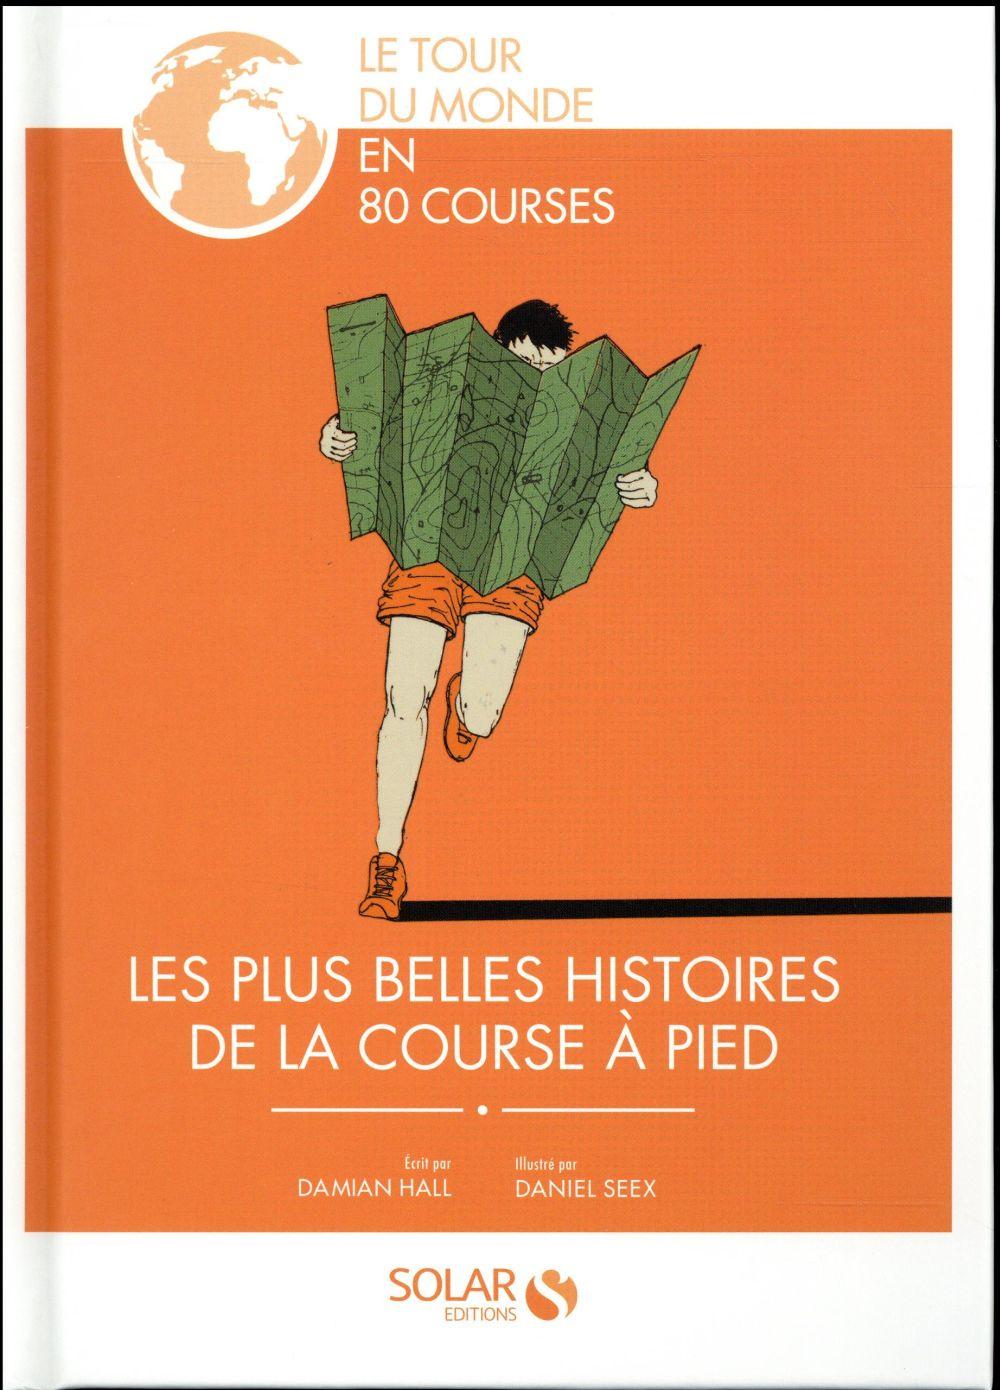 LES PLUS BELLES HISTOIRES DE LA COURSE A PIED - LE TOUR DU MONDE EN 80 COURSES